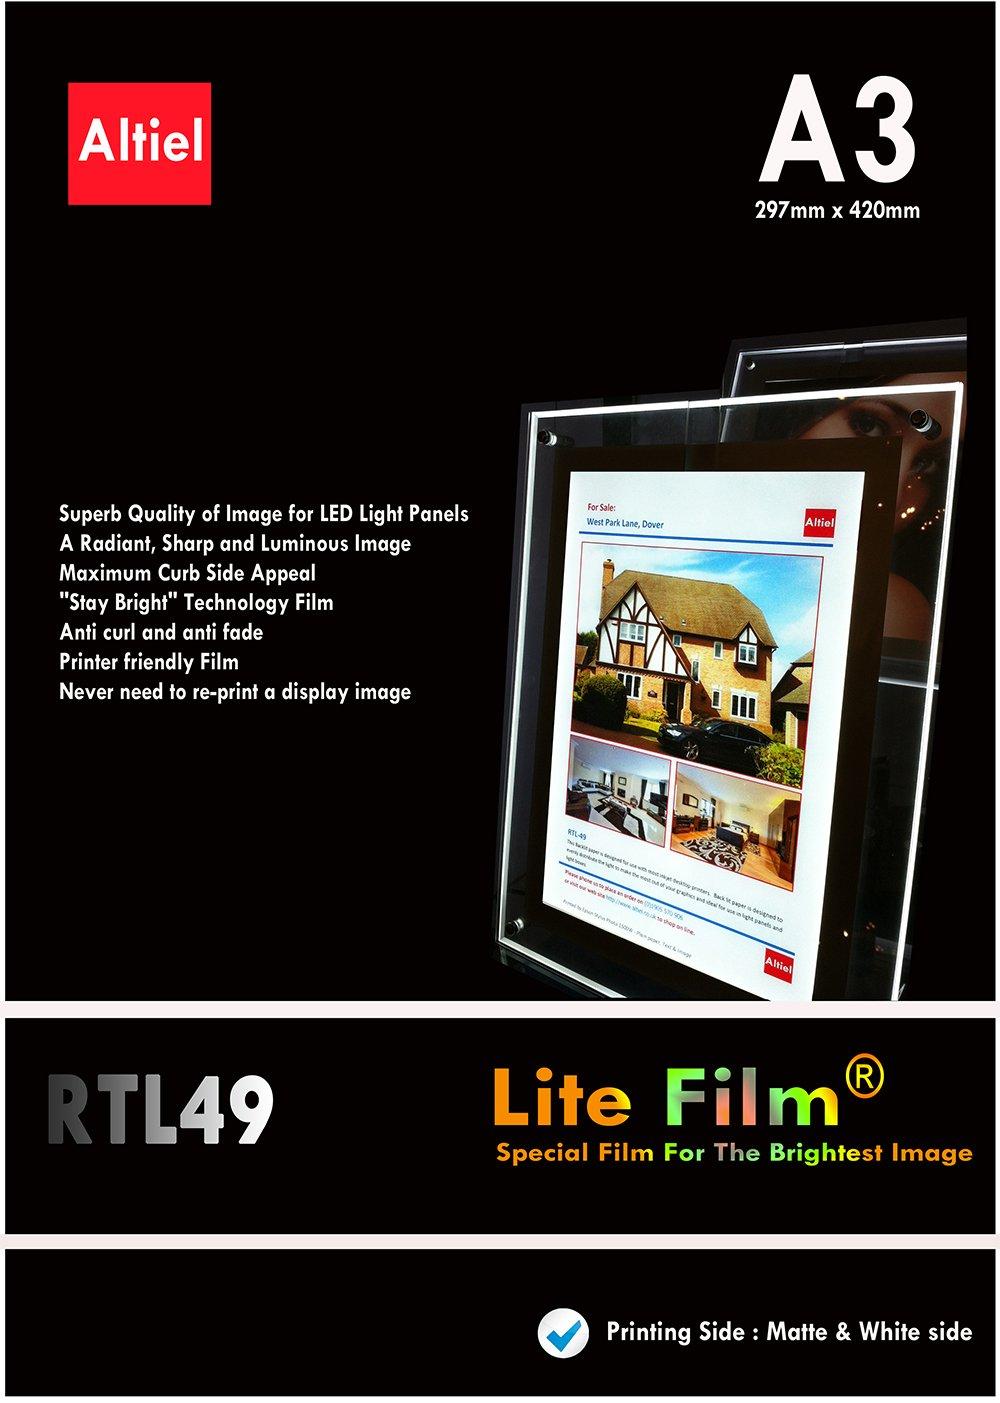 RTL49, formato A3, 100 fogli per ogni stampante a getto d'inchiostro, Laser e fotocopiatrici & , illuminazione posteriore per carta/Lite con luce LED e luce LED per pannello LED Lightbox-£132,00 IVA e consegna il giorno successivo è disponibile Altie